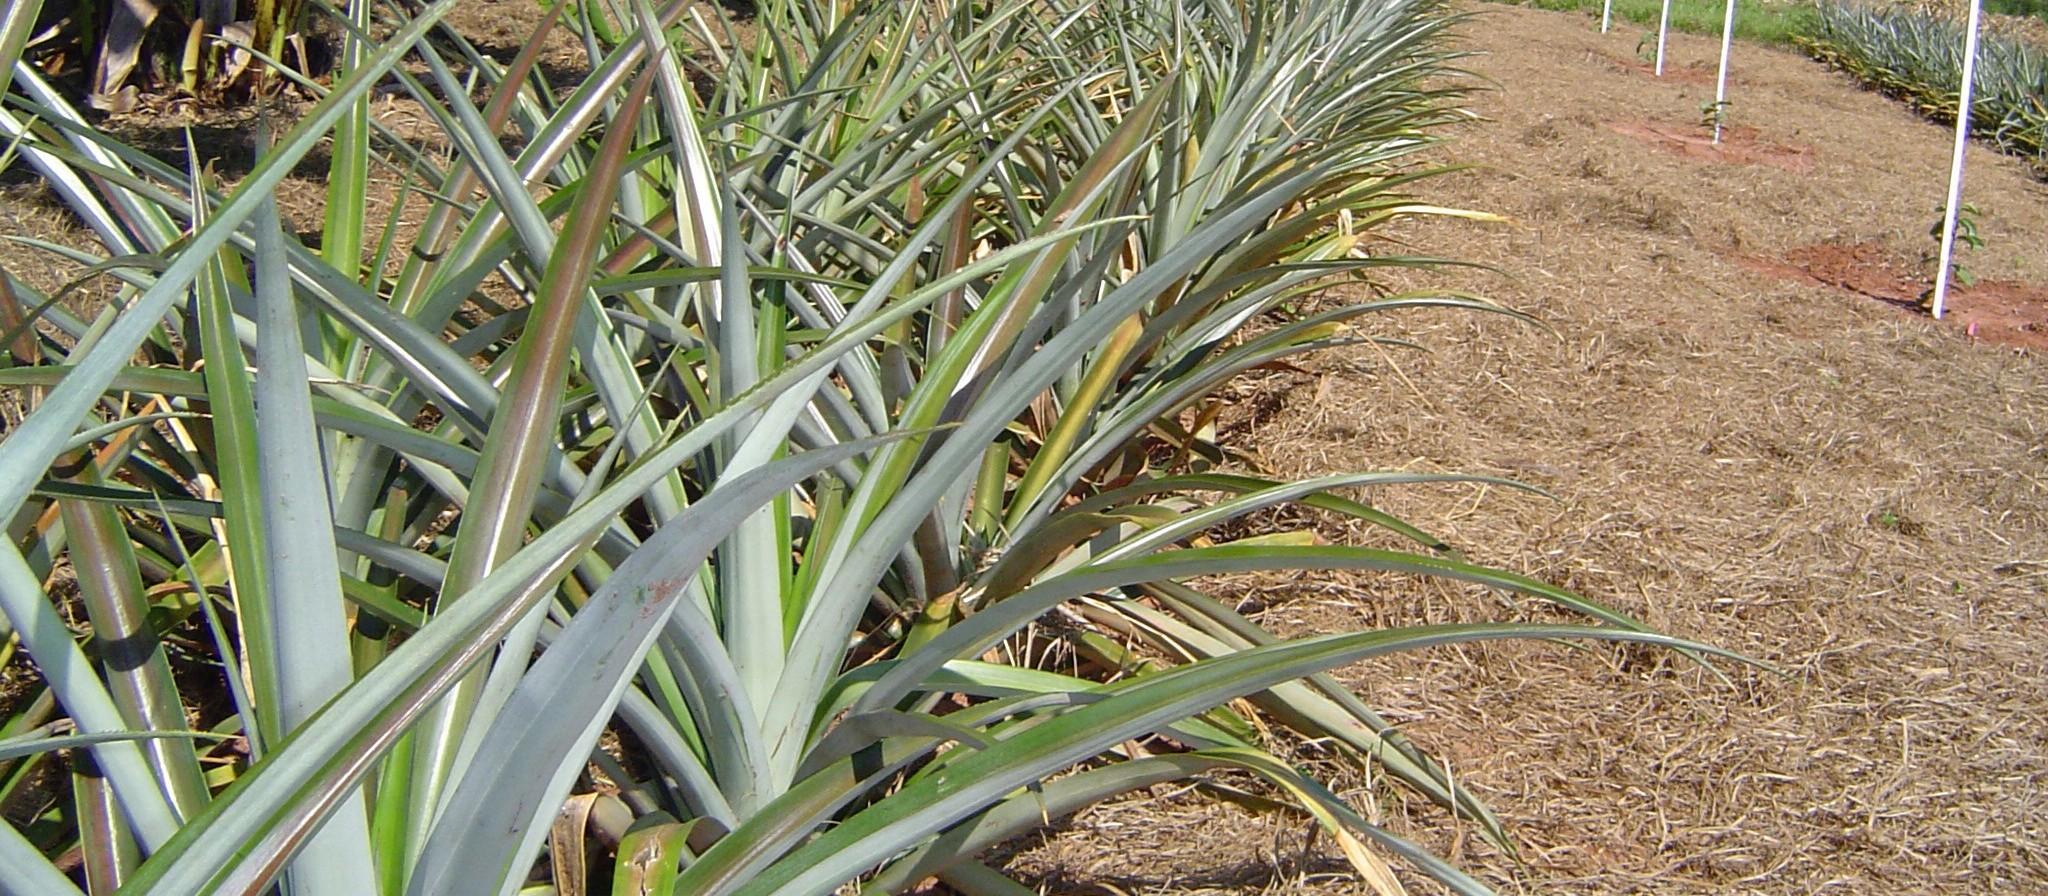 O que se produz no campo nesta época do ano na região de Maringá?